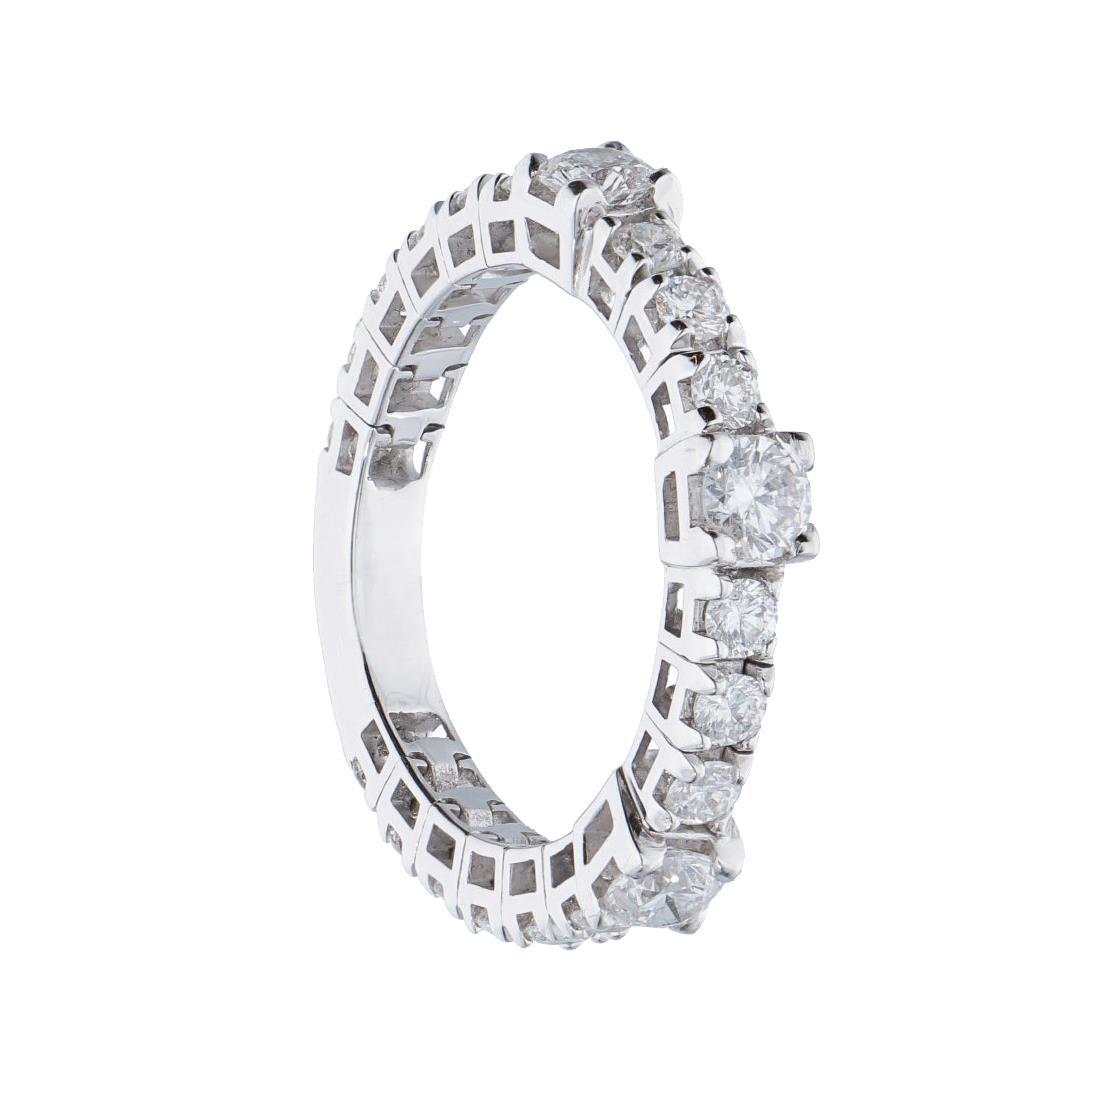 Anello in oro bianco con diamanti  - ALFIERI ST JOHN